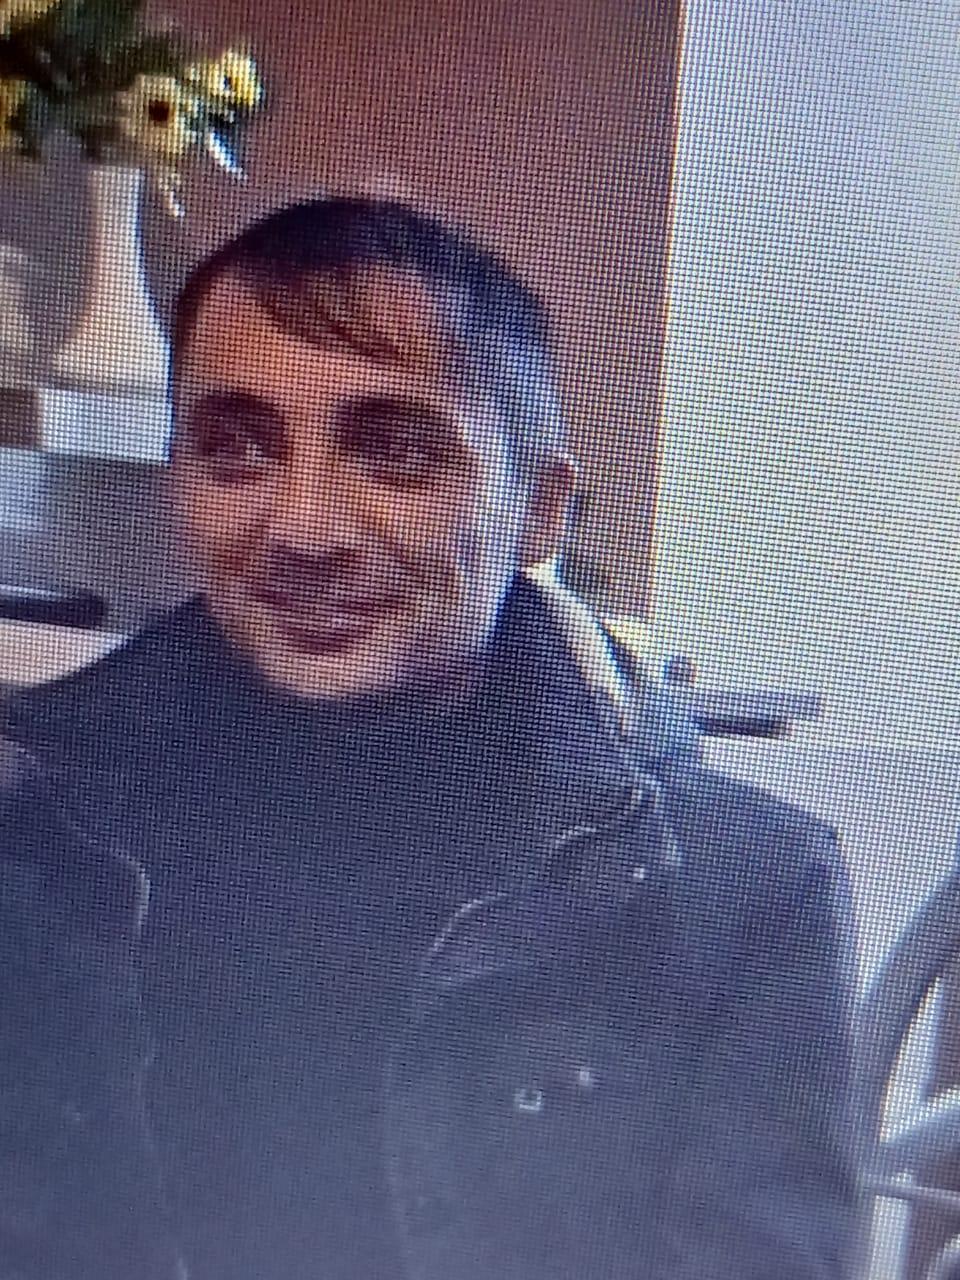 Babayev Nail